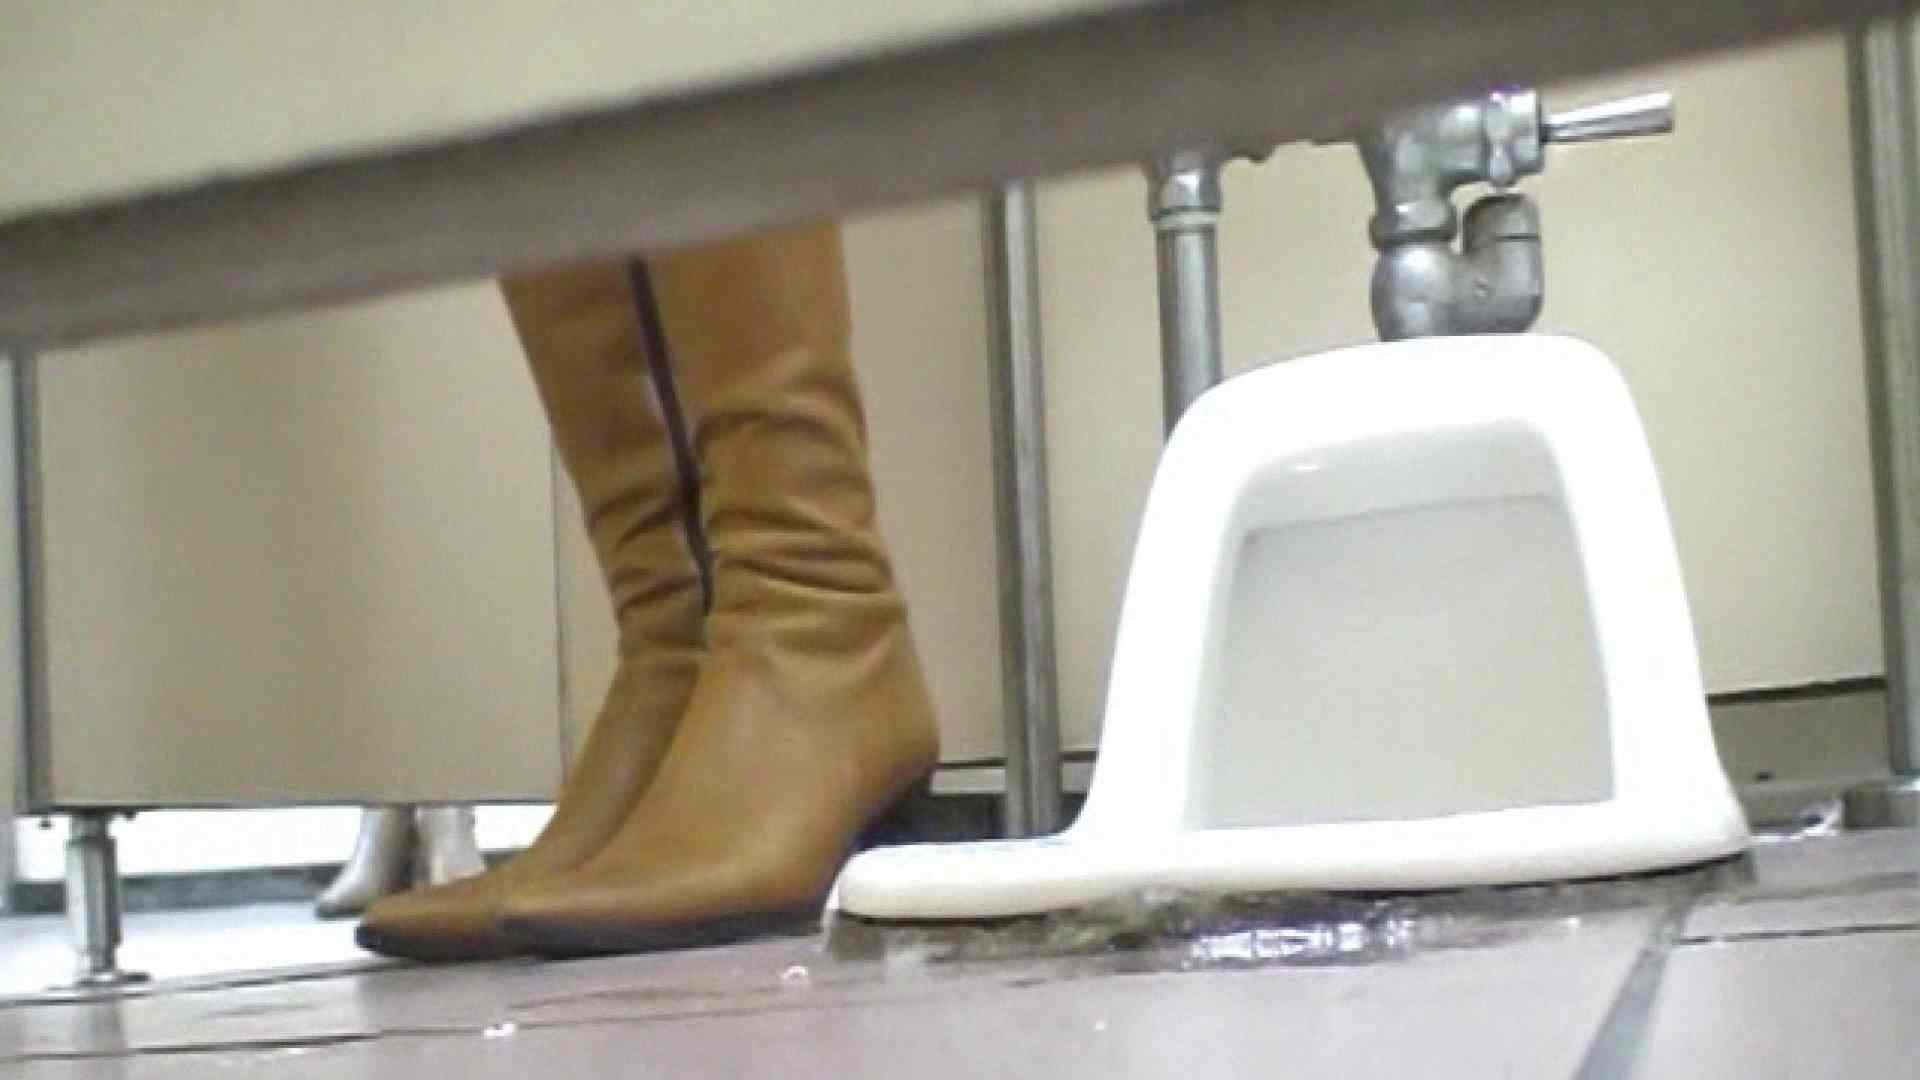 ロックハンドさんの盗撮記録File.70 オマンコ 濡れ場動画紹介 13pic 3